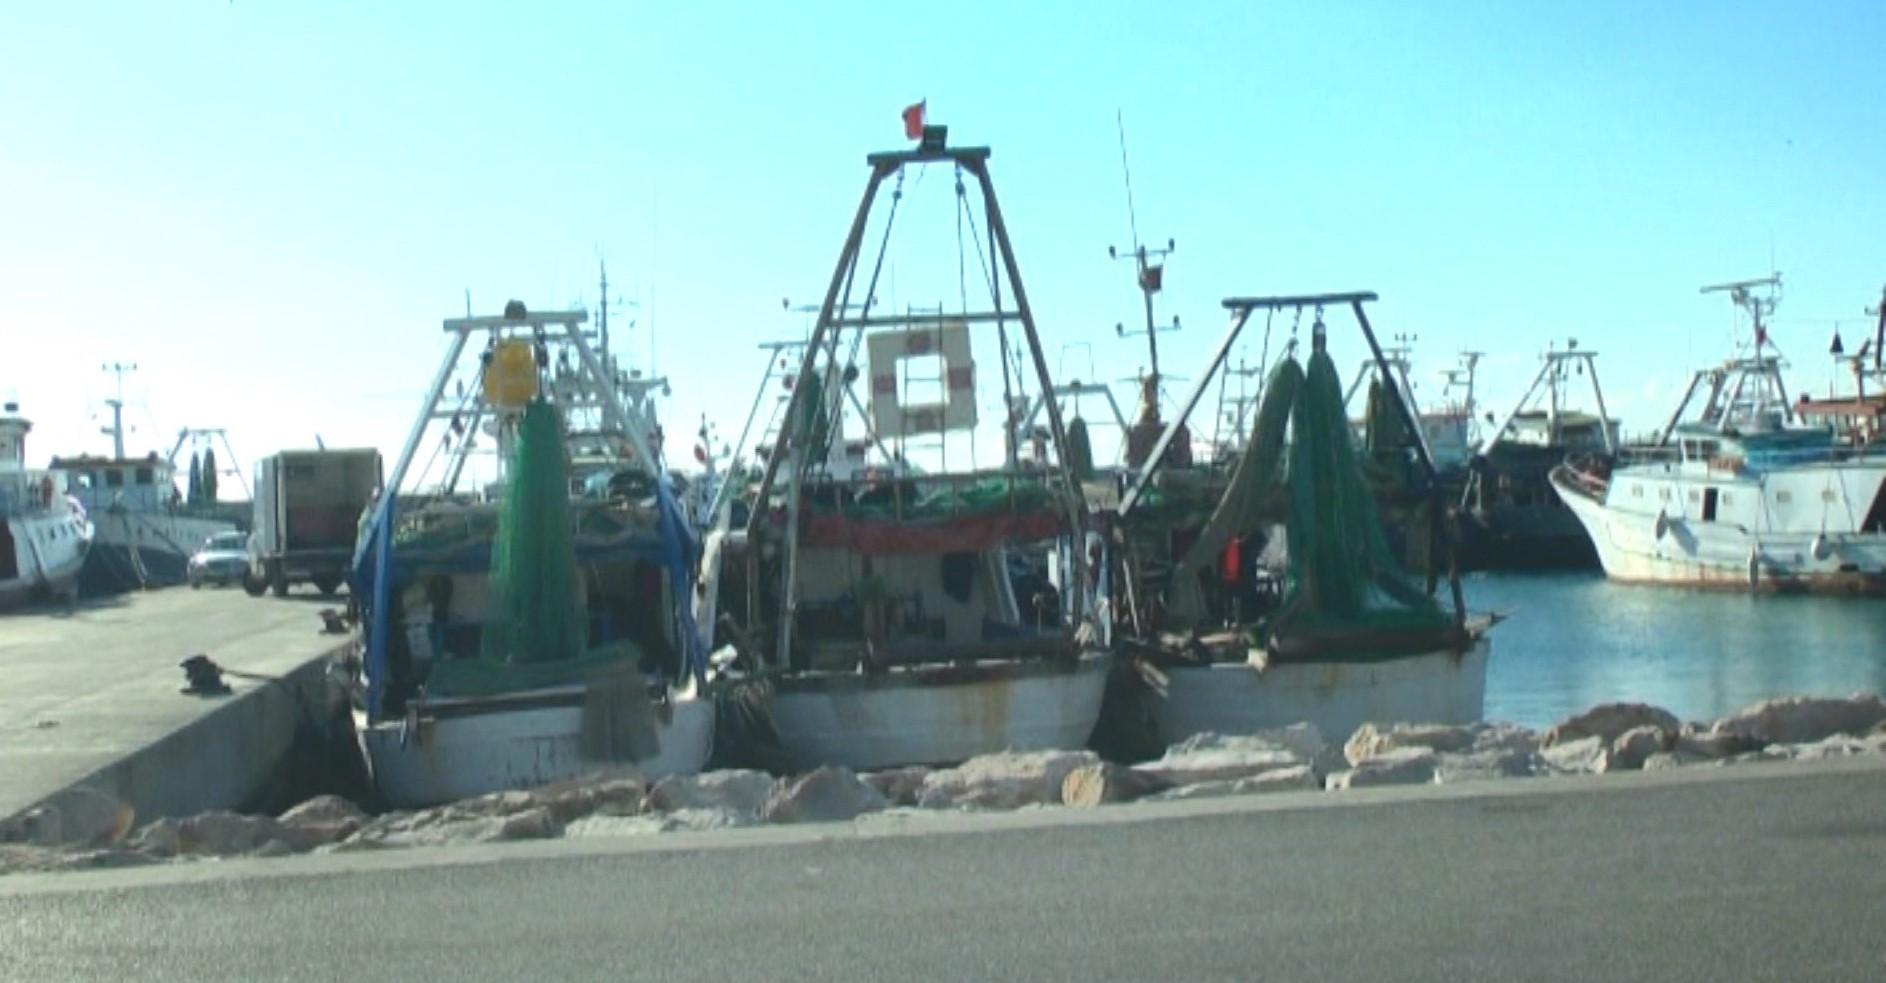 Temperaturat nën zero, anijet e peshkimet prej datës 2 të bllokuara